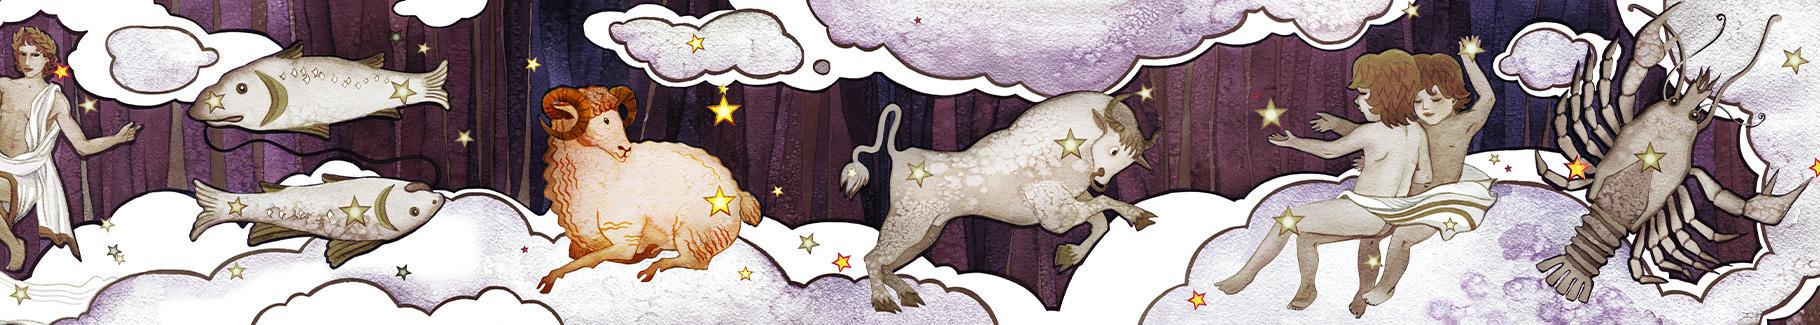 Obraz znaki zodiaku horoskop